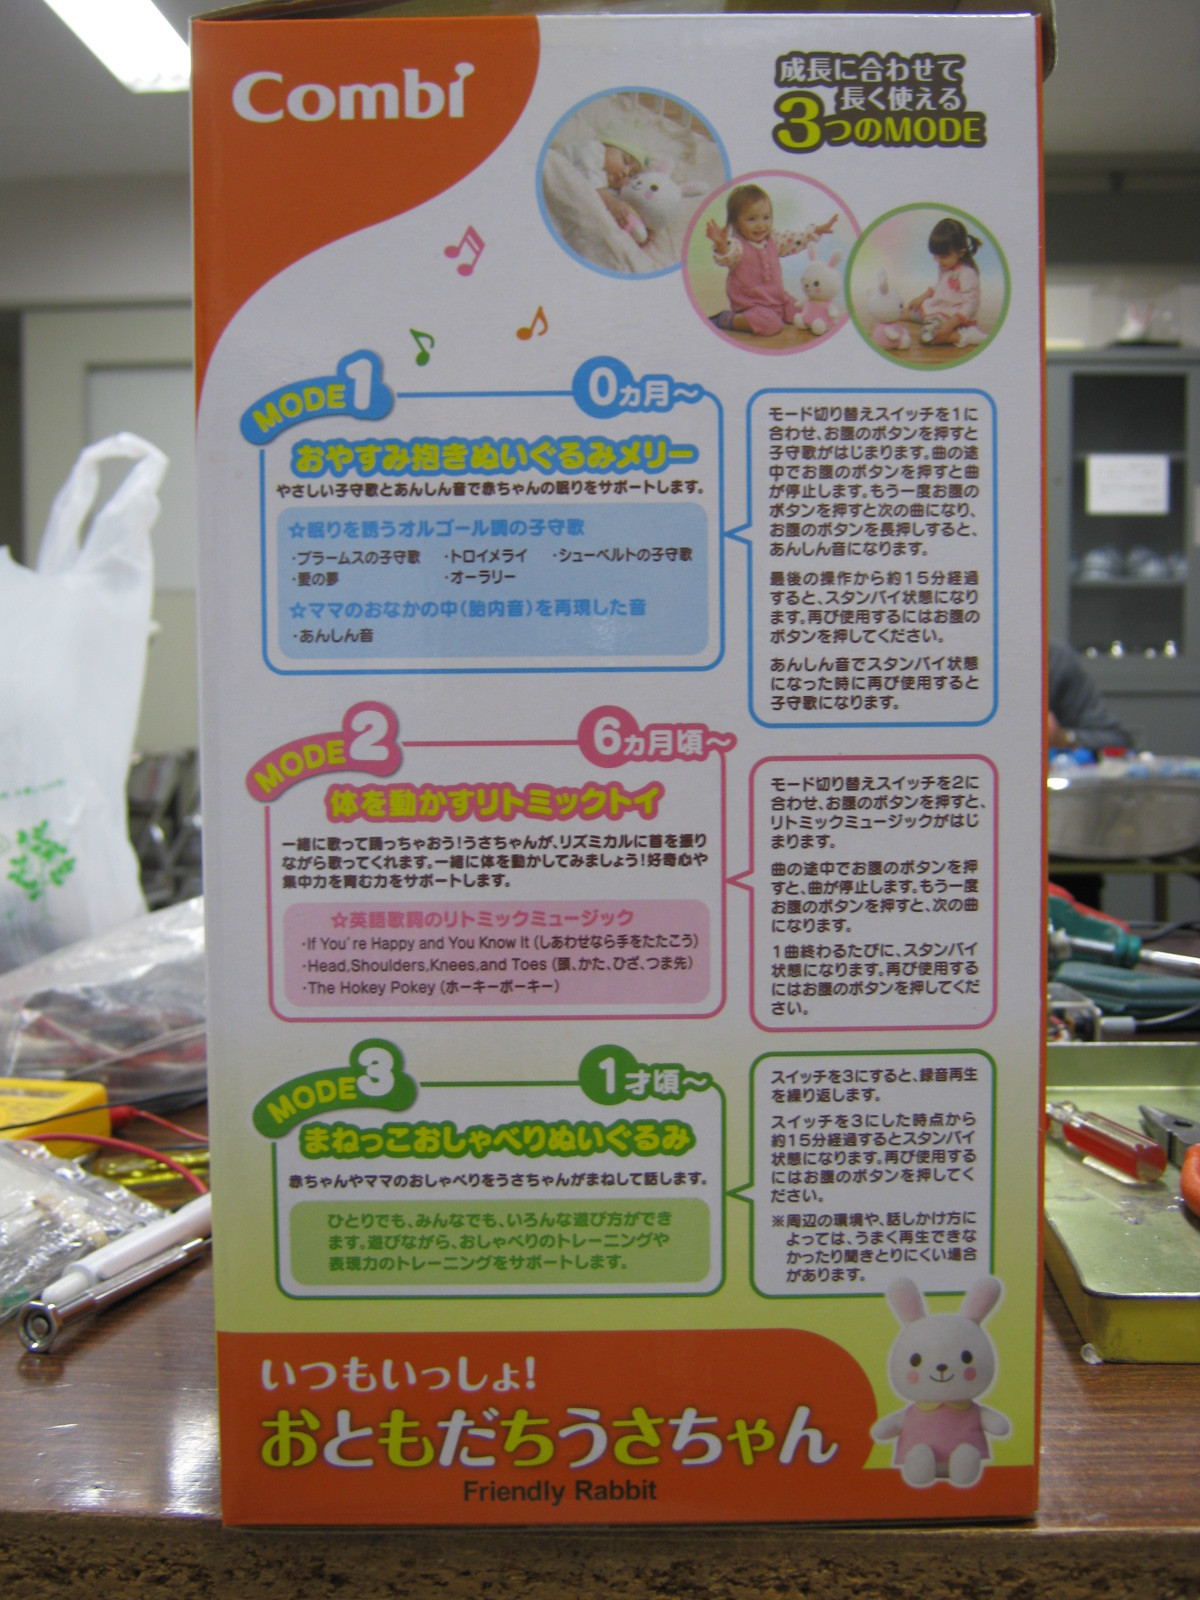 おともだちうさちゃん(Combi)(COB不良)箱2